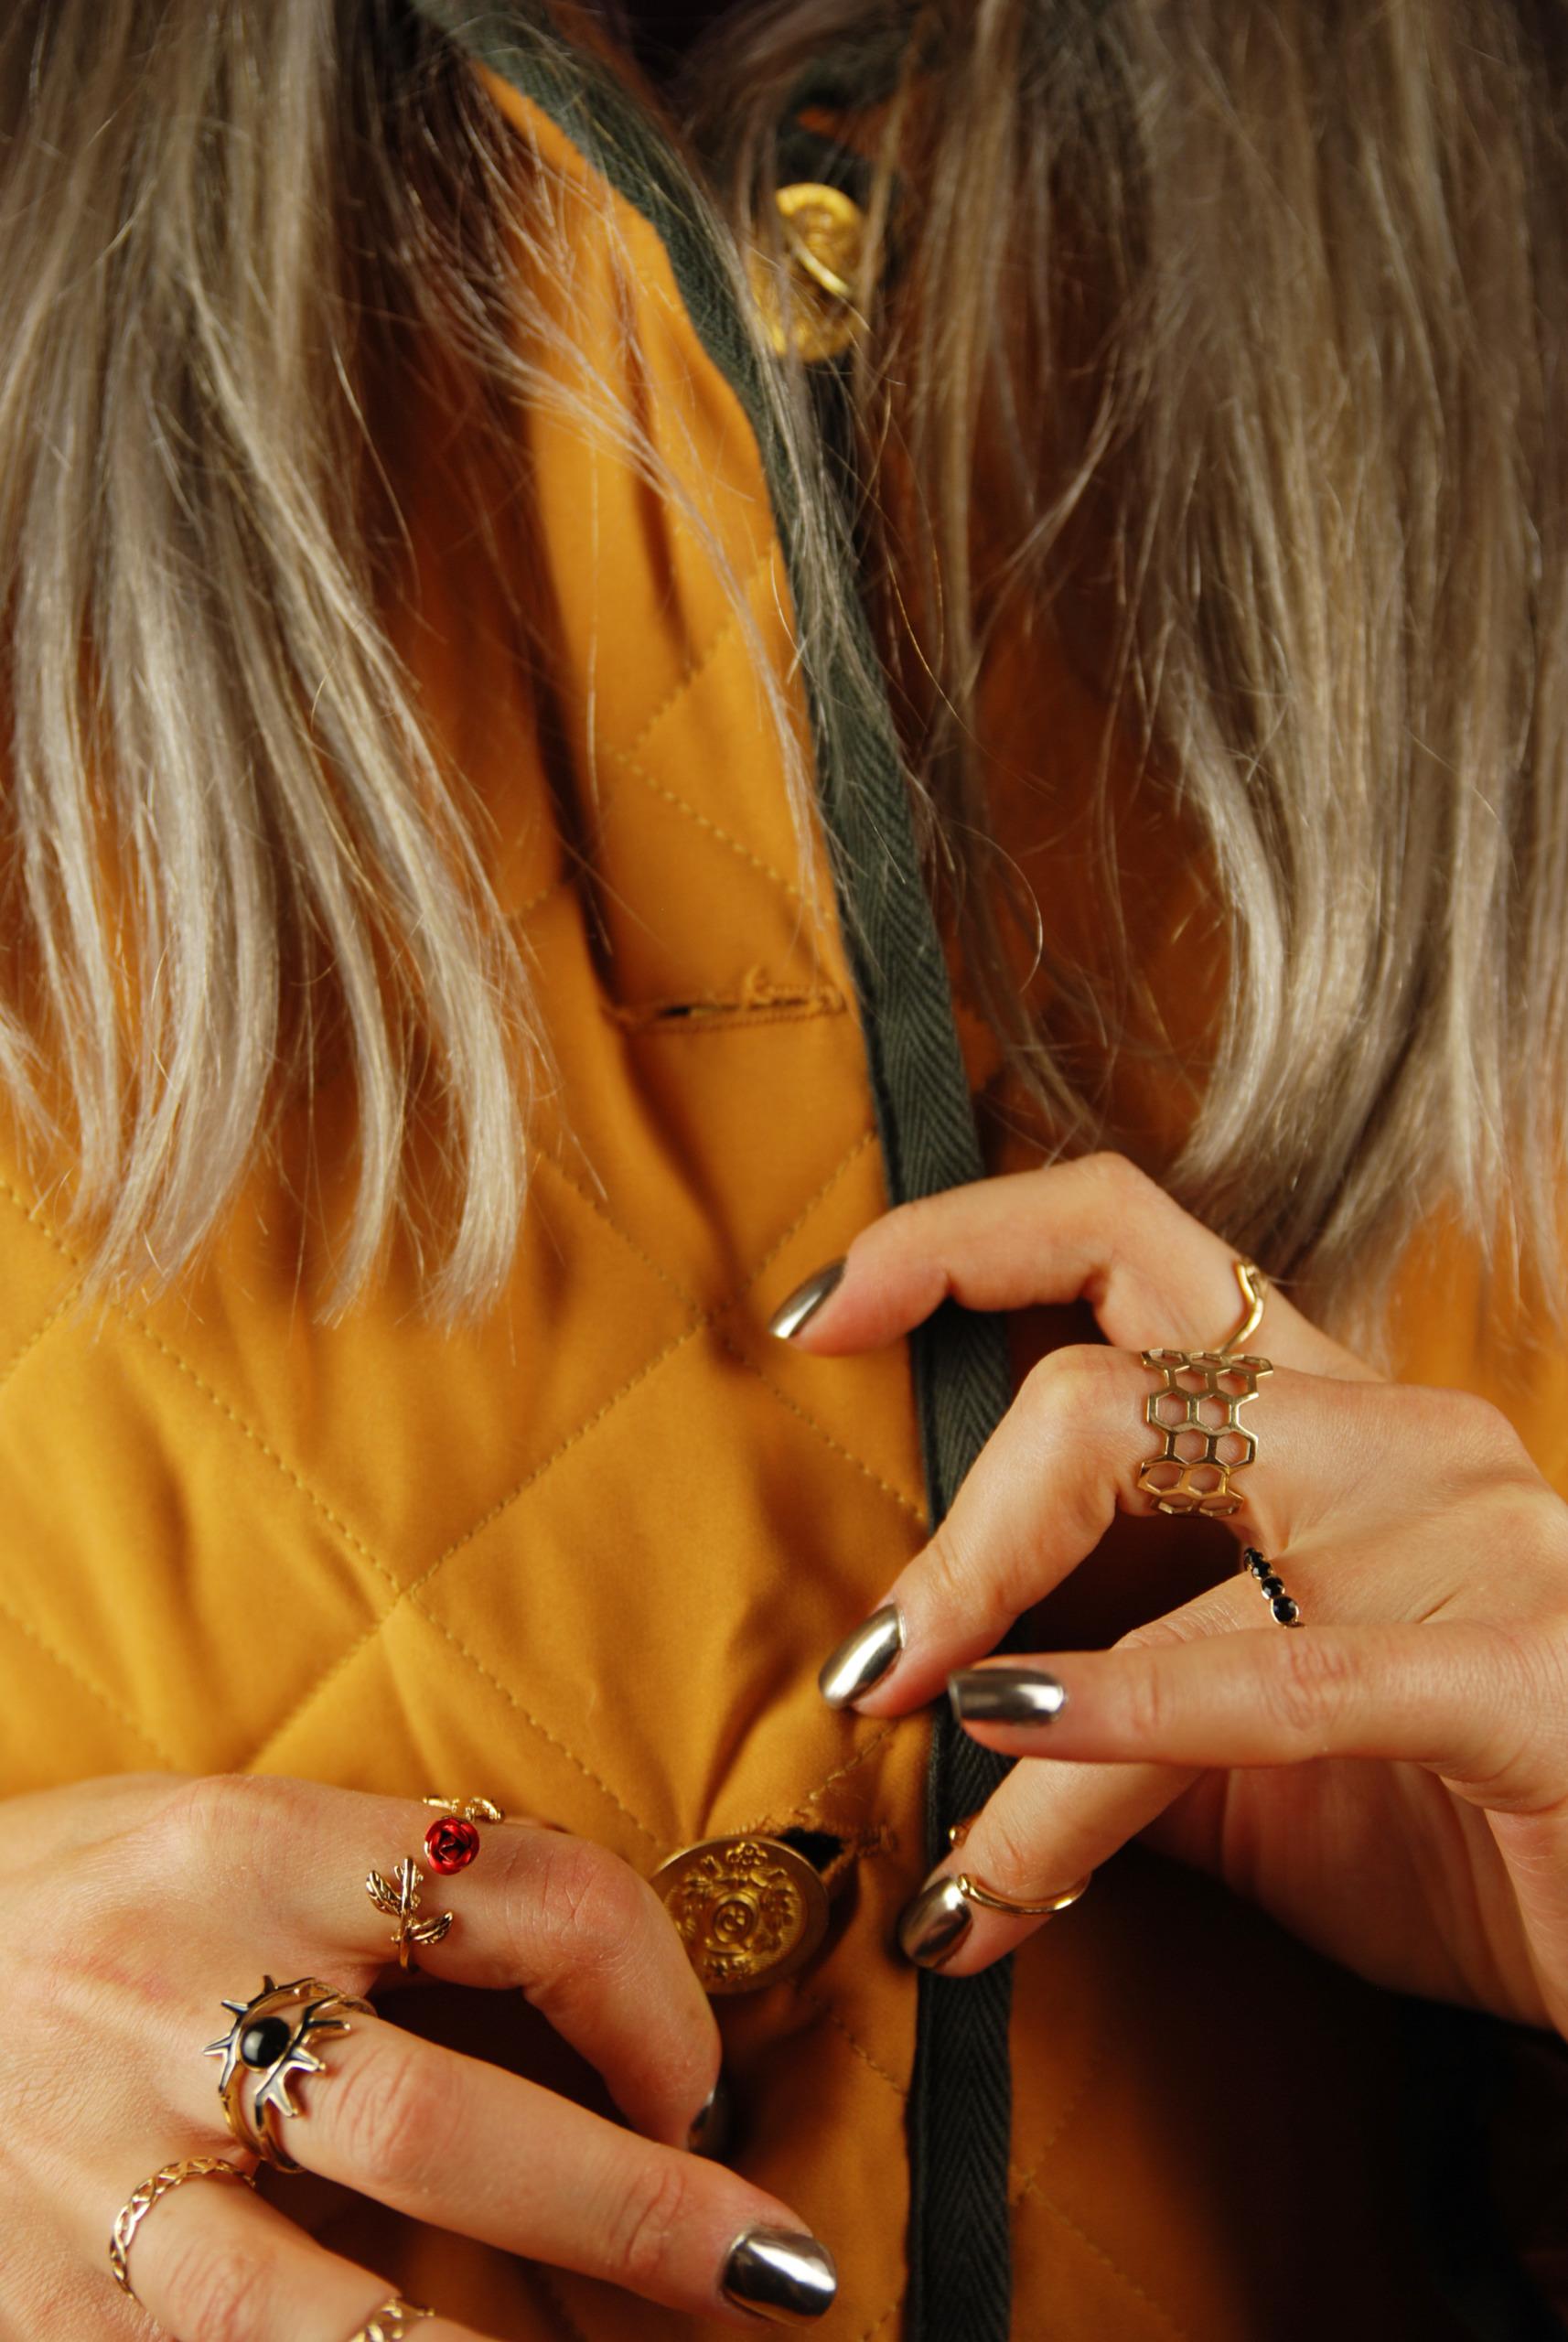 Zdjęcie przedstawia zbliżenie na dłonie zapinające złote guziki żółtej kurtki. Na dłoniach jest dużo złotych pierścionków, a paznokcie są koloru srebrnego, widać też szare włosy.